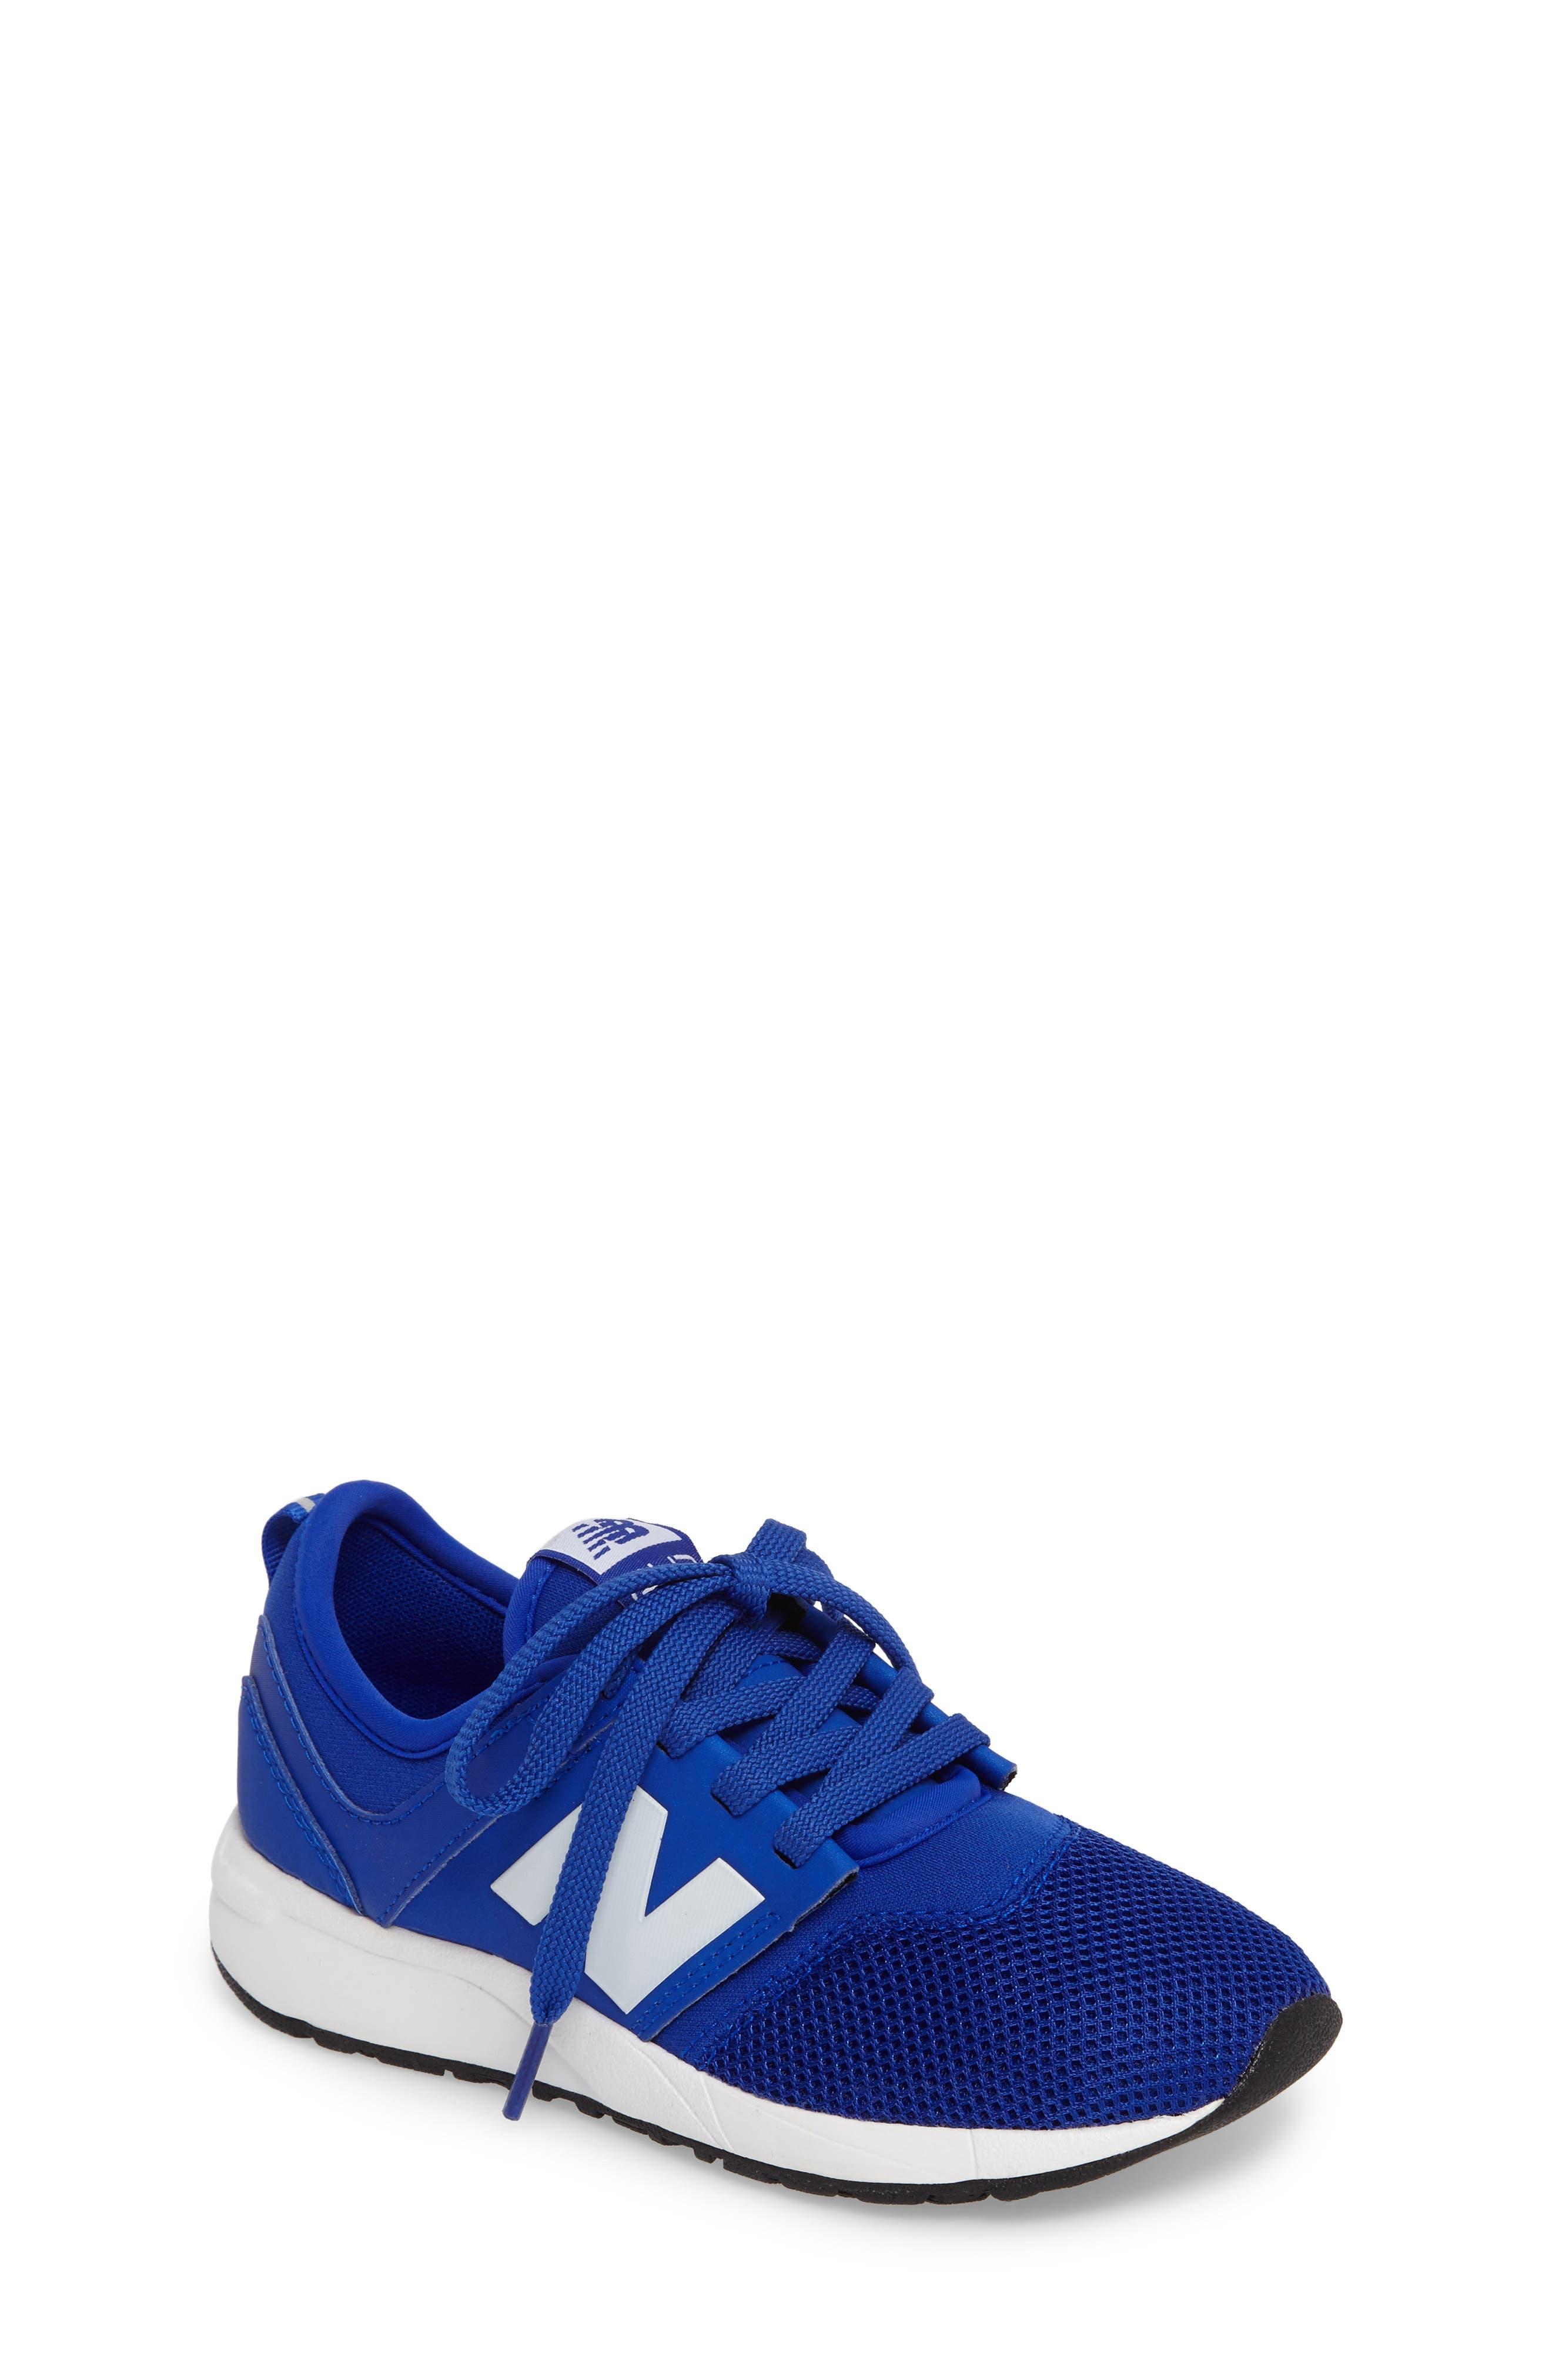 247 Core Sneaker,                         Main,                         color, Blue/ White